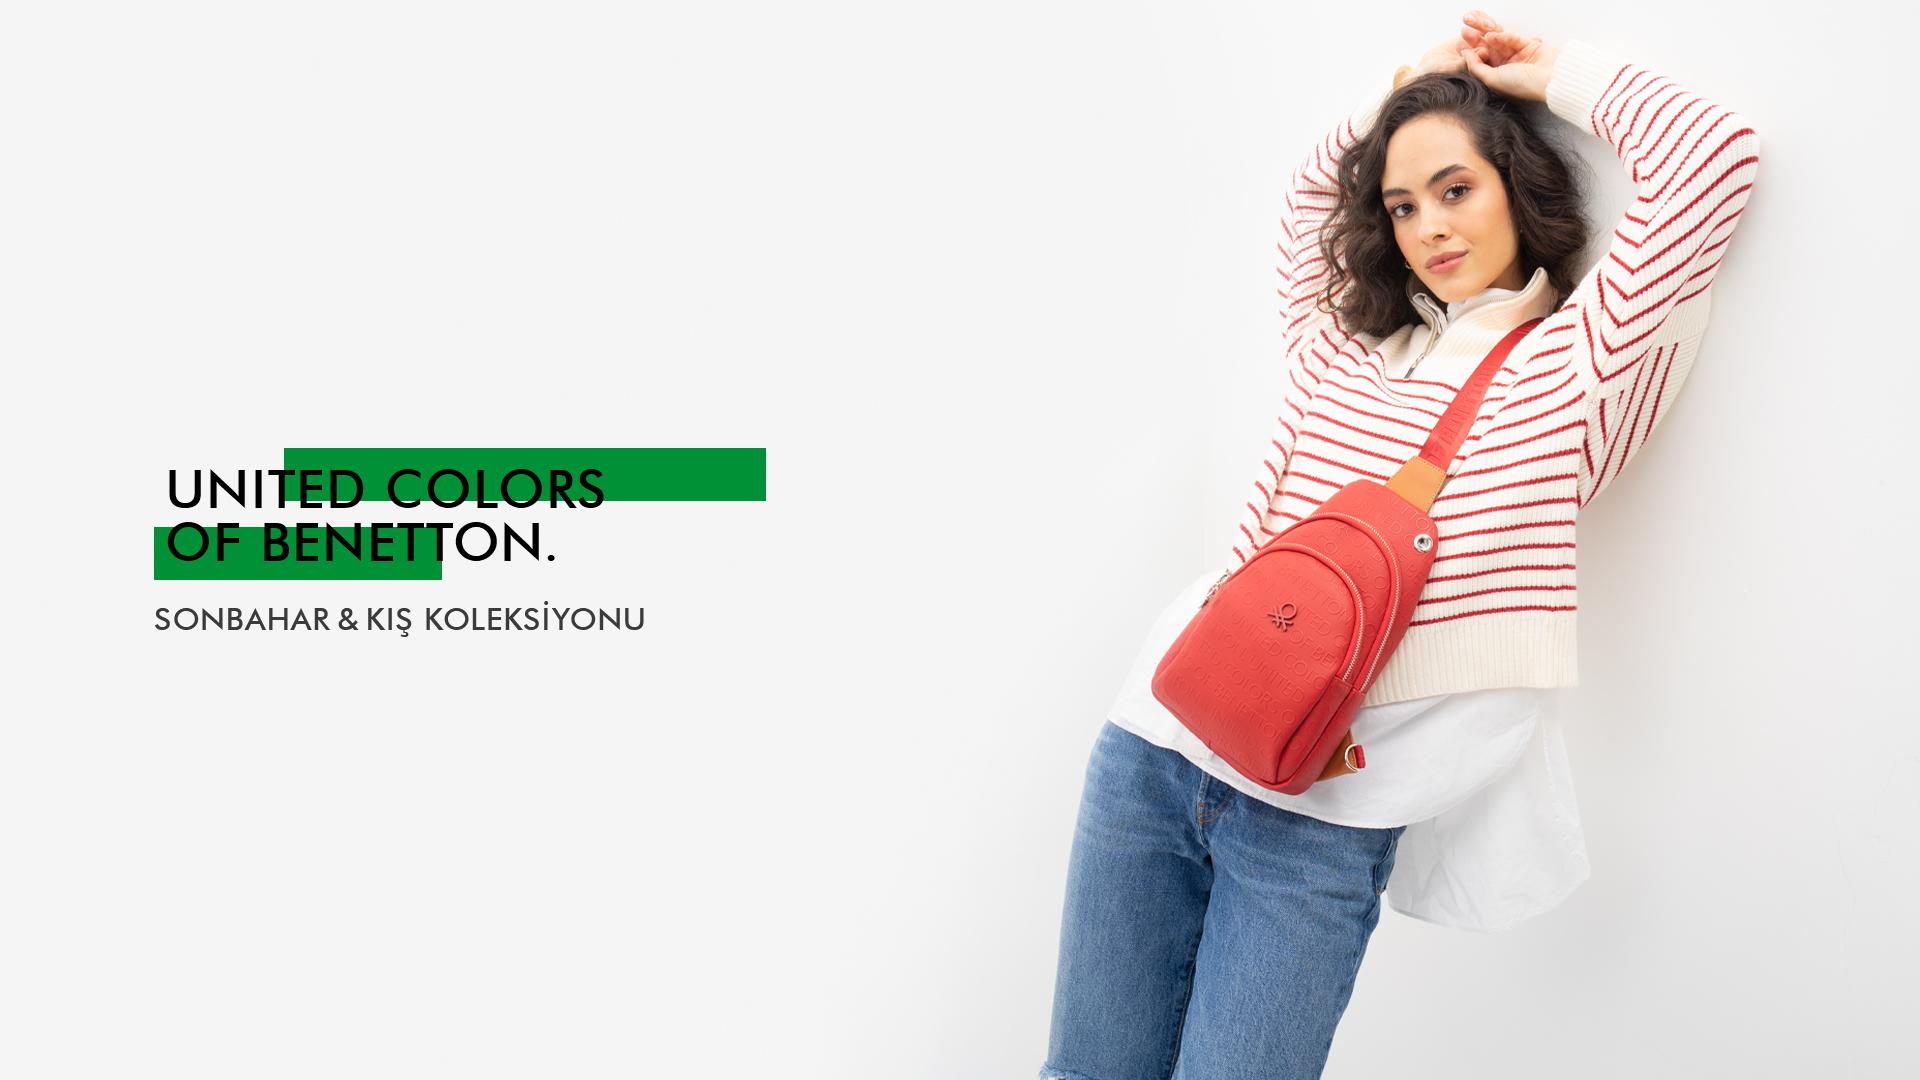 United Colors of Benetton Sonbahar & Kış Koleksiyonu